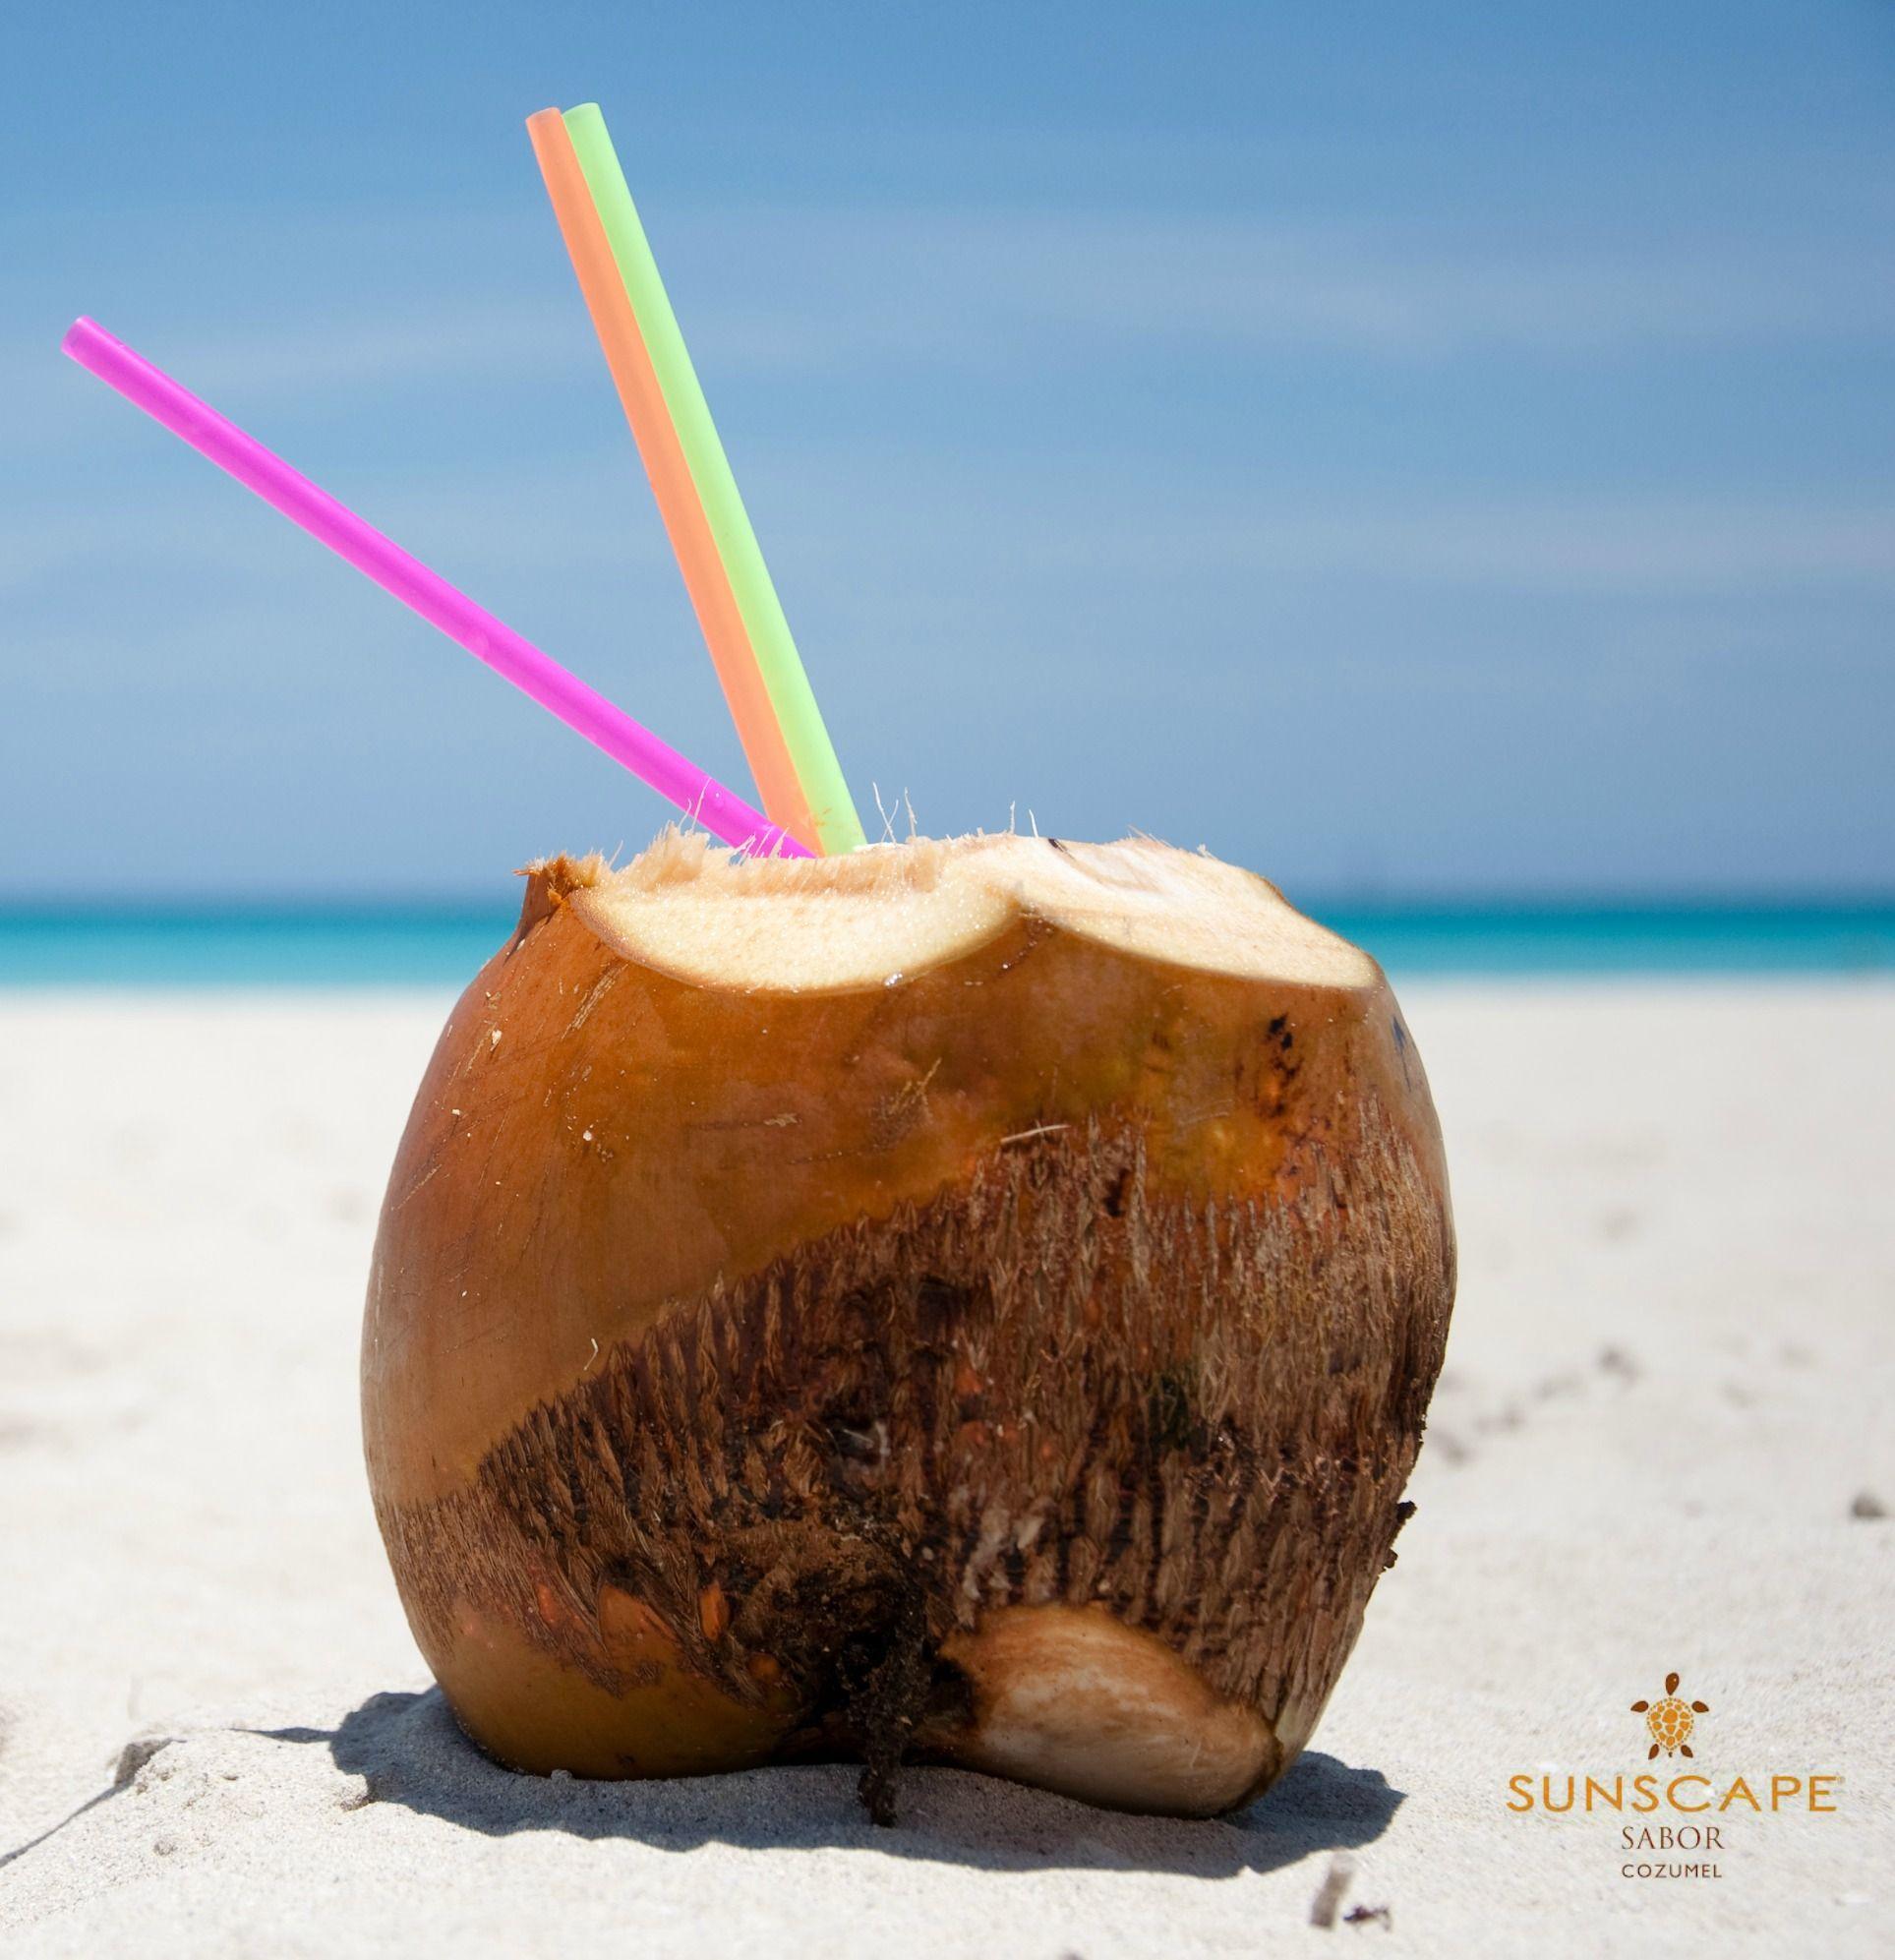 """¡Da un """"#RePin"""" si quisieras agarrar un coco y escaparte a la playa este #MartesViajero!"""